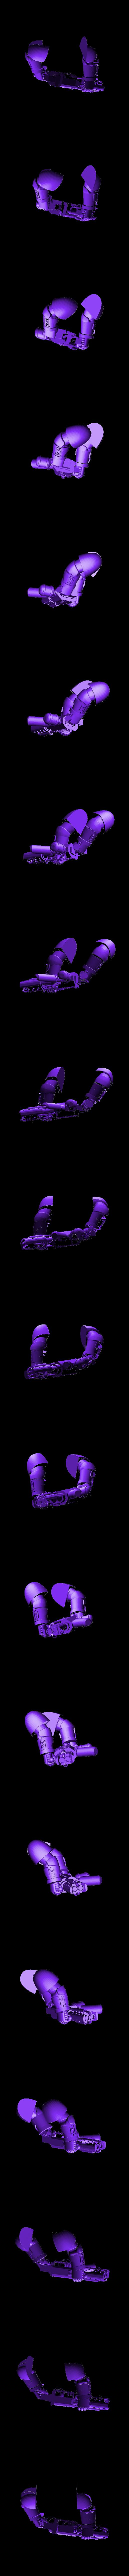 Incinerator.stl Télécharger fichier STL gratuit L'équipe des Chevaliers gris Primaris • Modèle pour imprimante 3D, joeldawson93